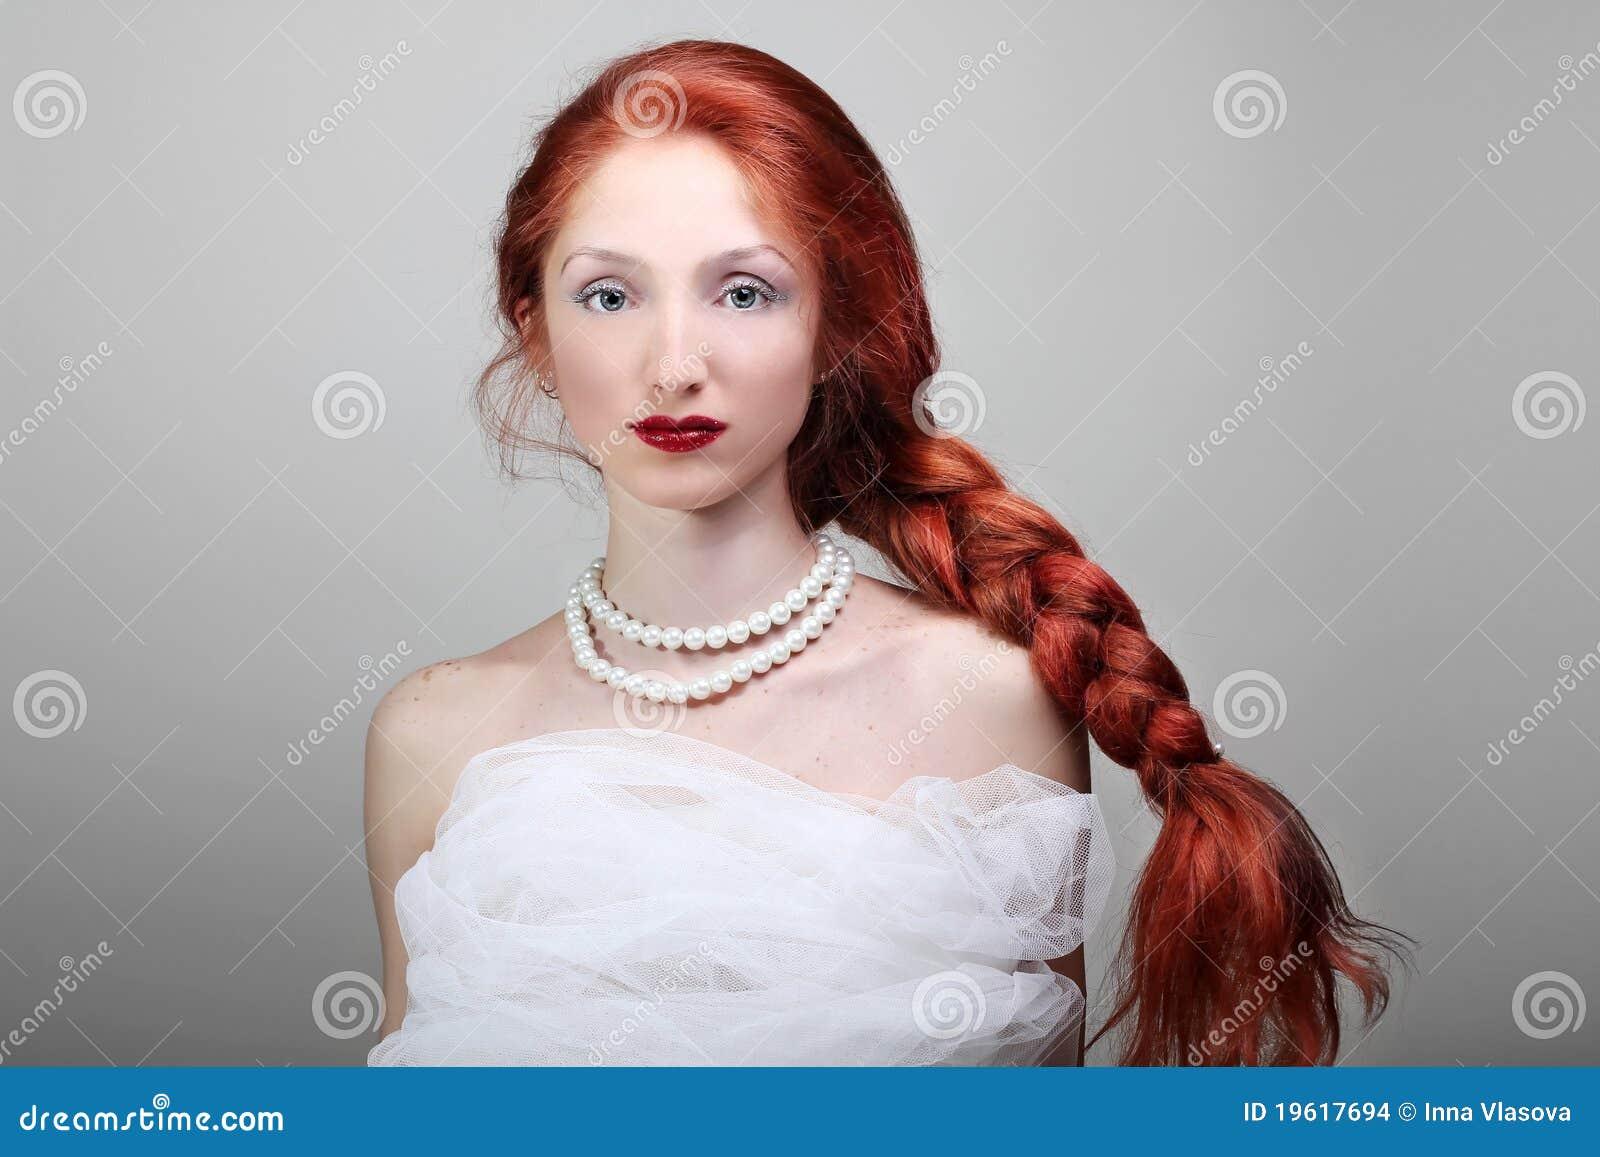 Рыжая с длинными косичками 7 фотография